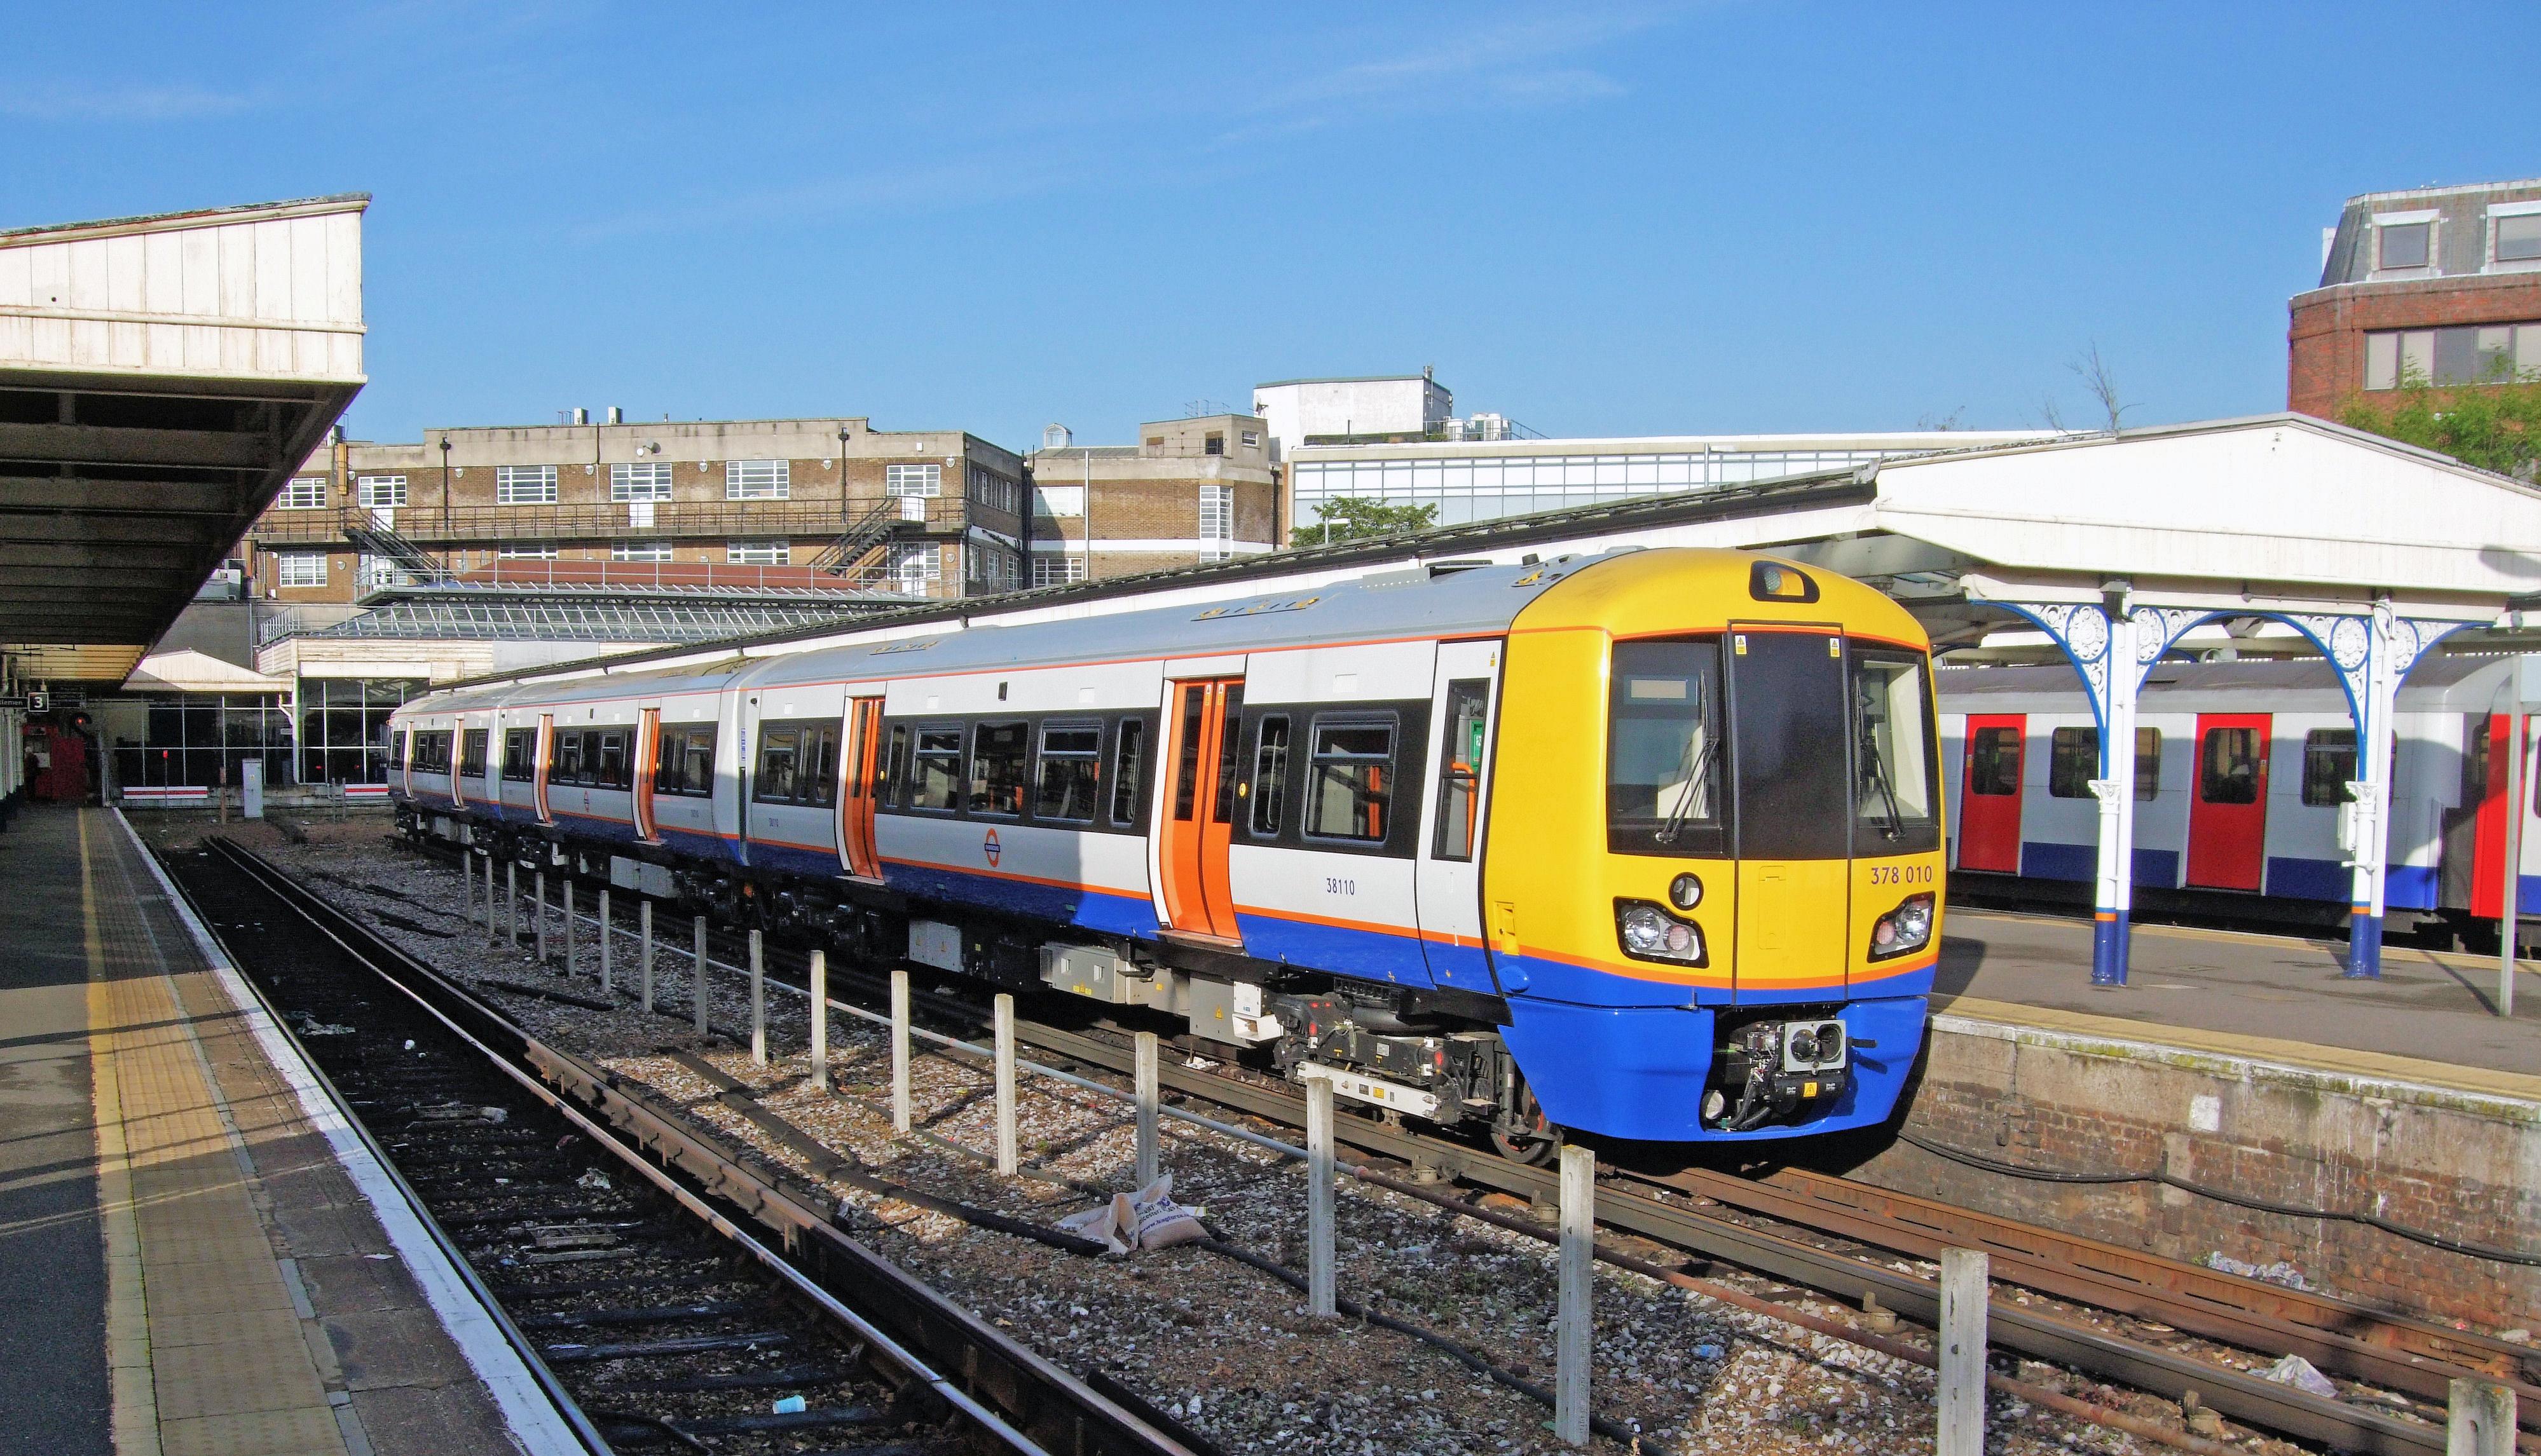 Train Lever In Lodon : File british rail class train in richmond station